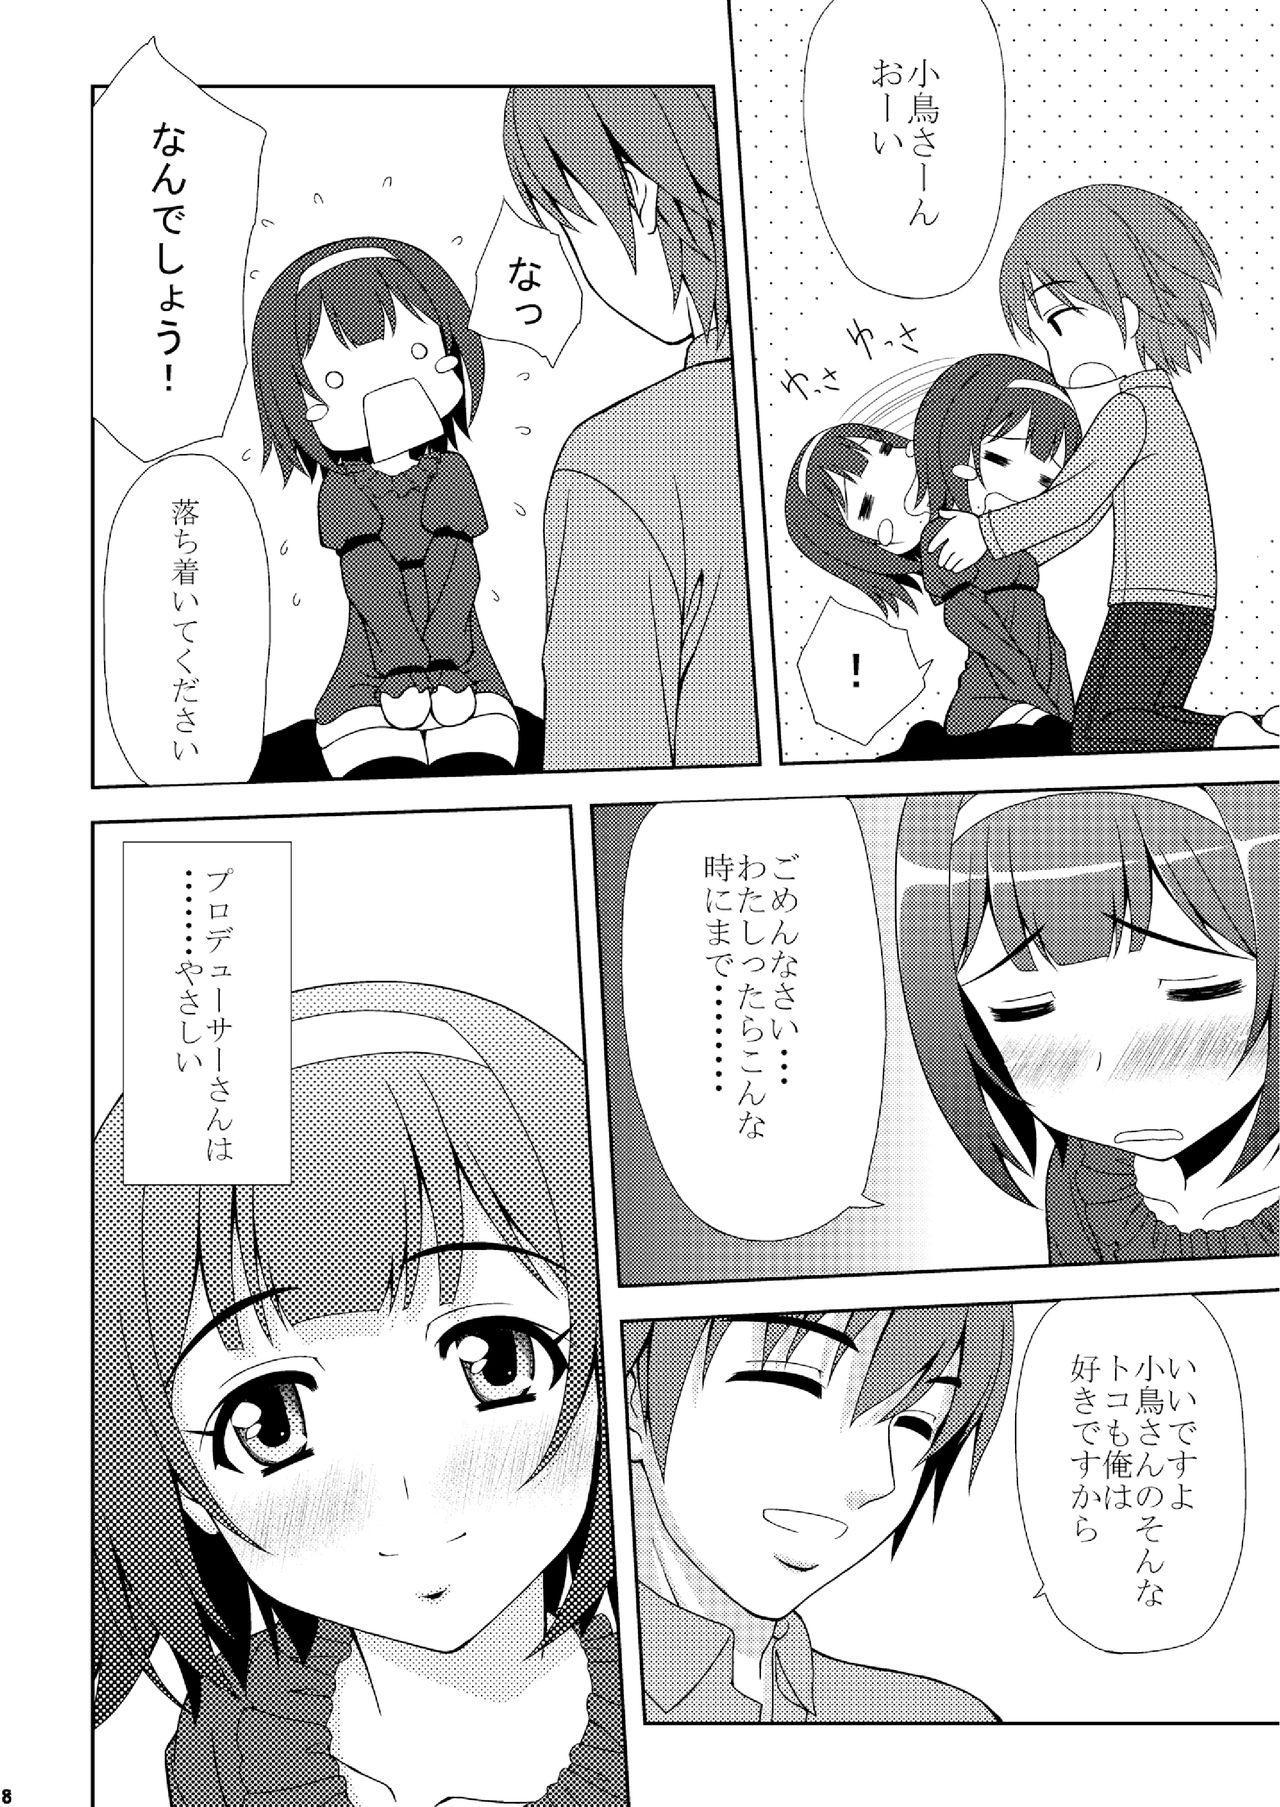 Kotori-san no Risou to Genjitsu 7